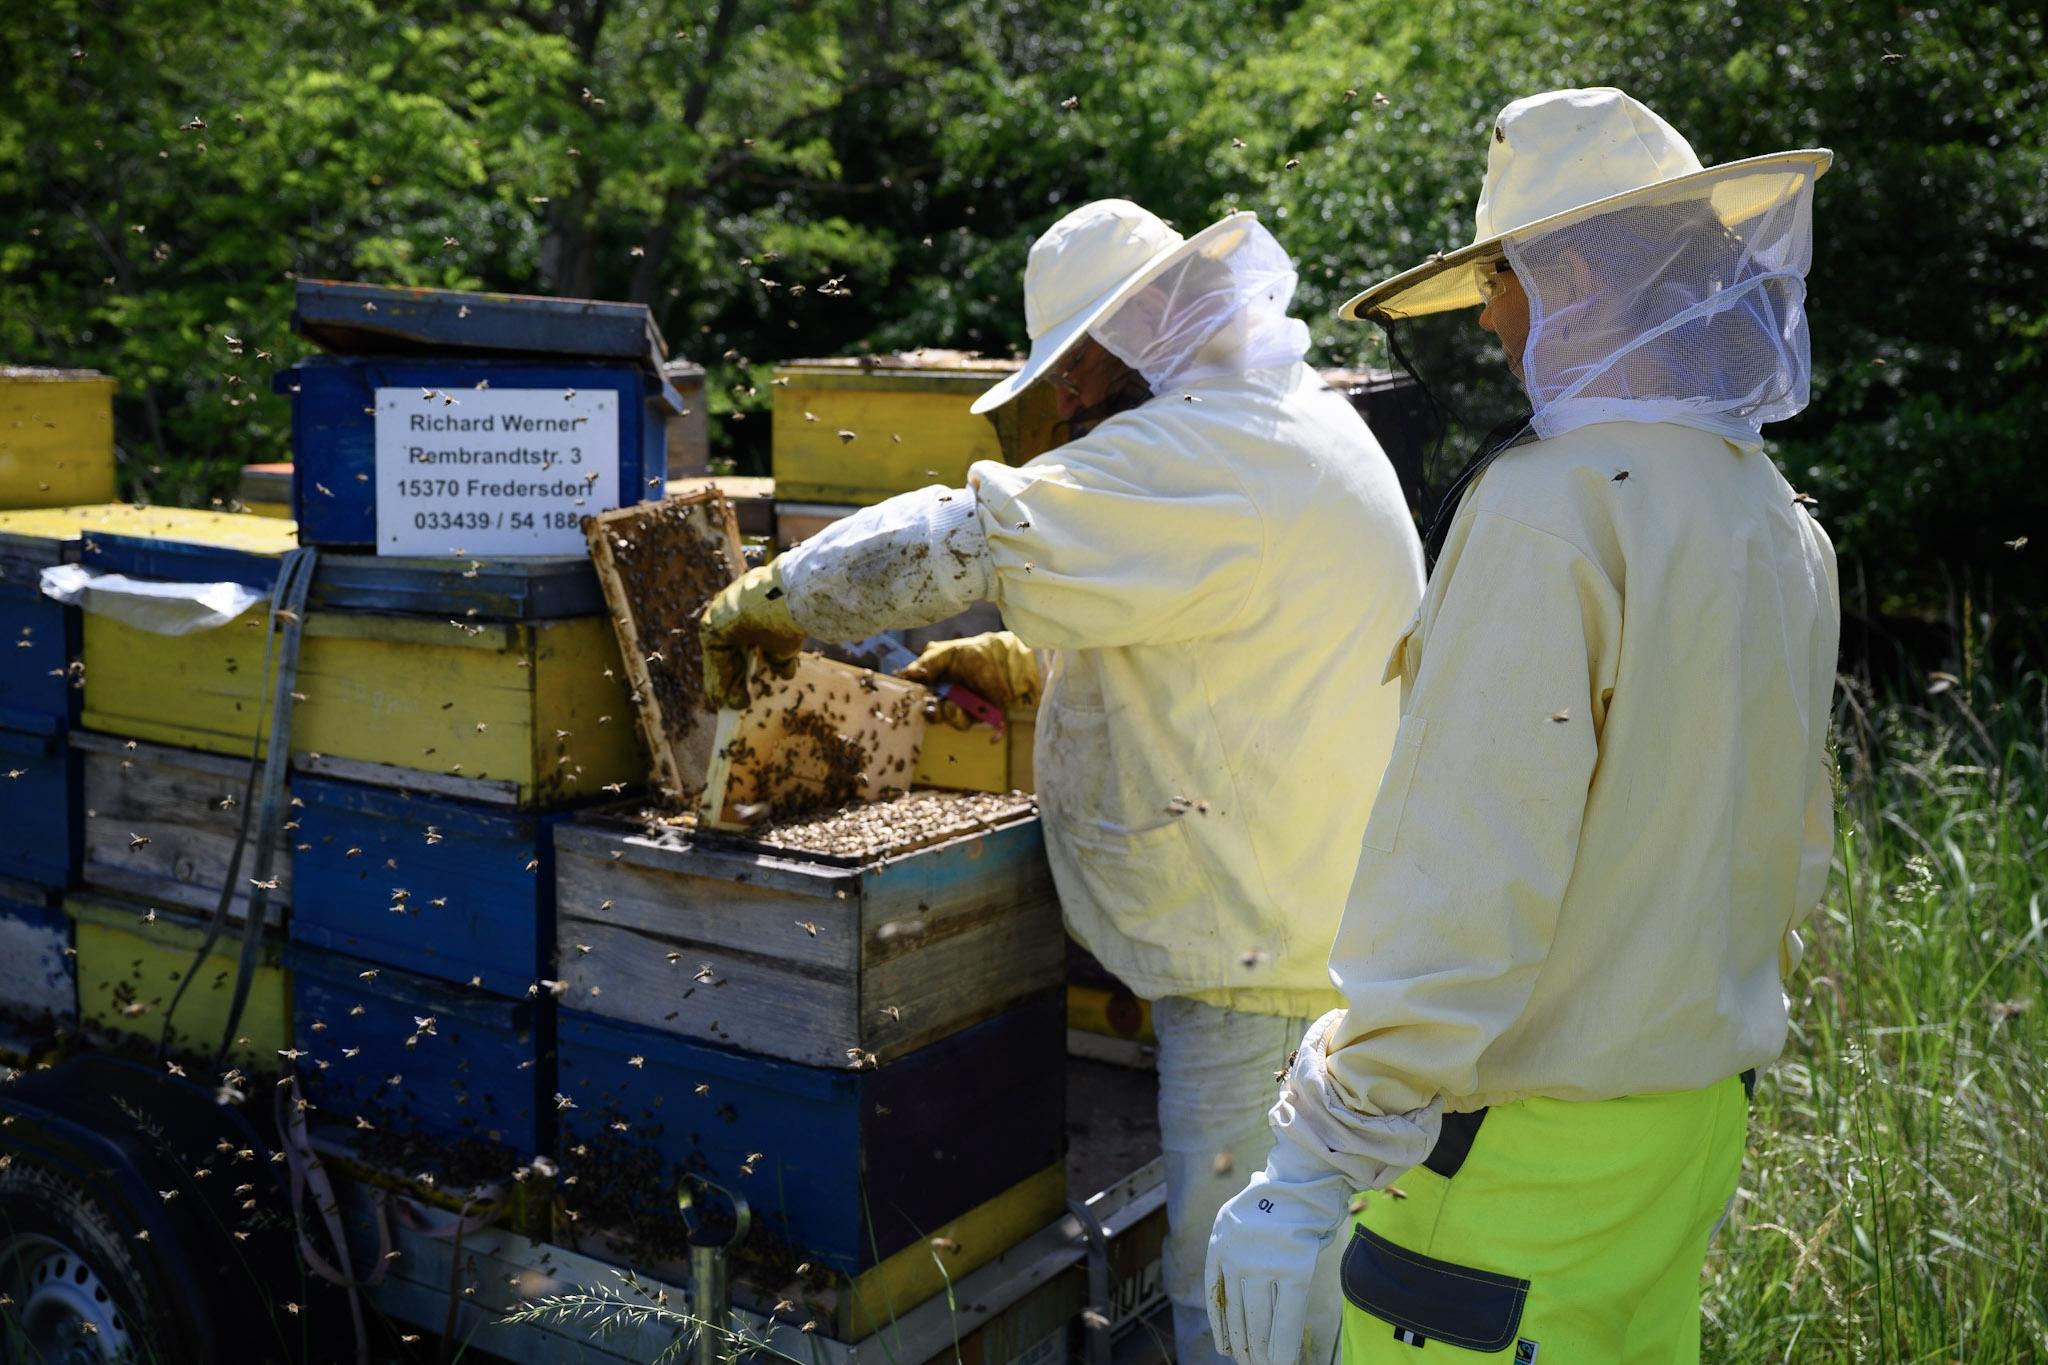 Hannah Fischer, Projektleiterin des Bienenprojekts bei CEMEX, überprüft mit Richard Werner die Bienenstöcke. (Foto: CEMEX Deutschland AG/Thomas Weber)